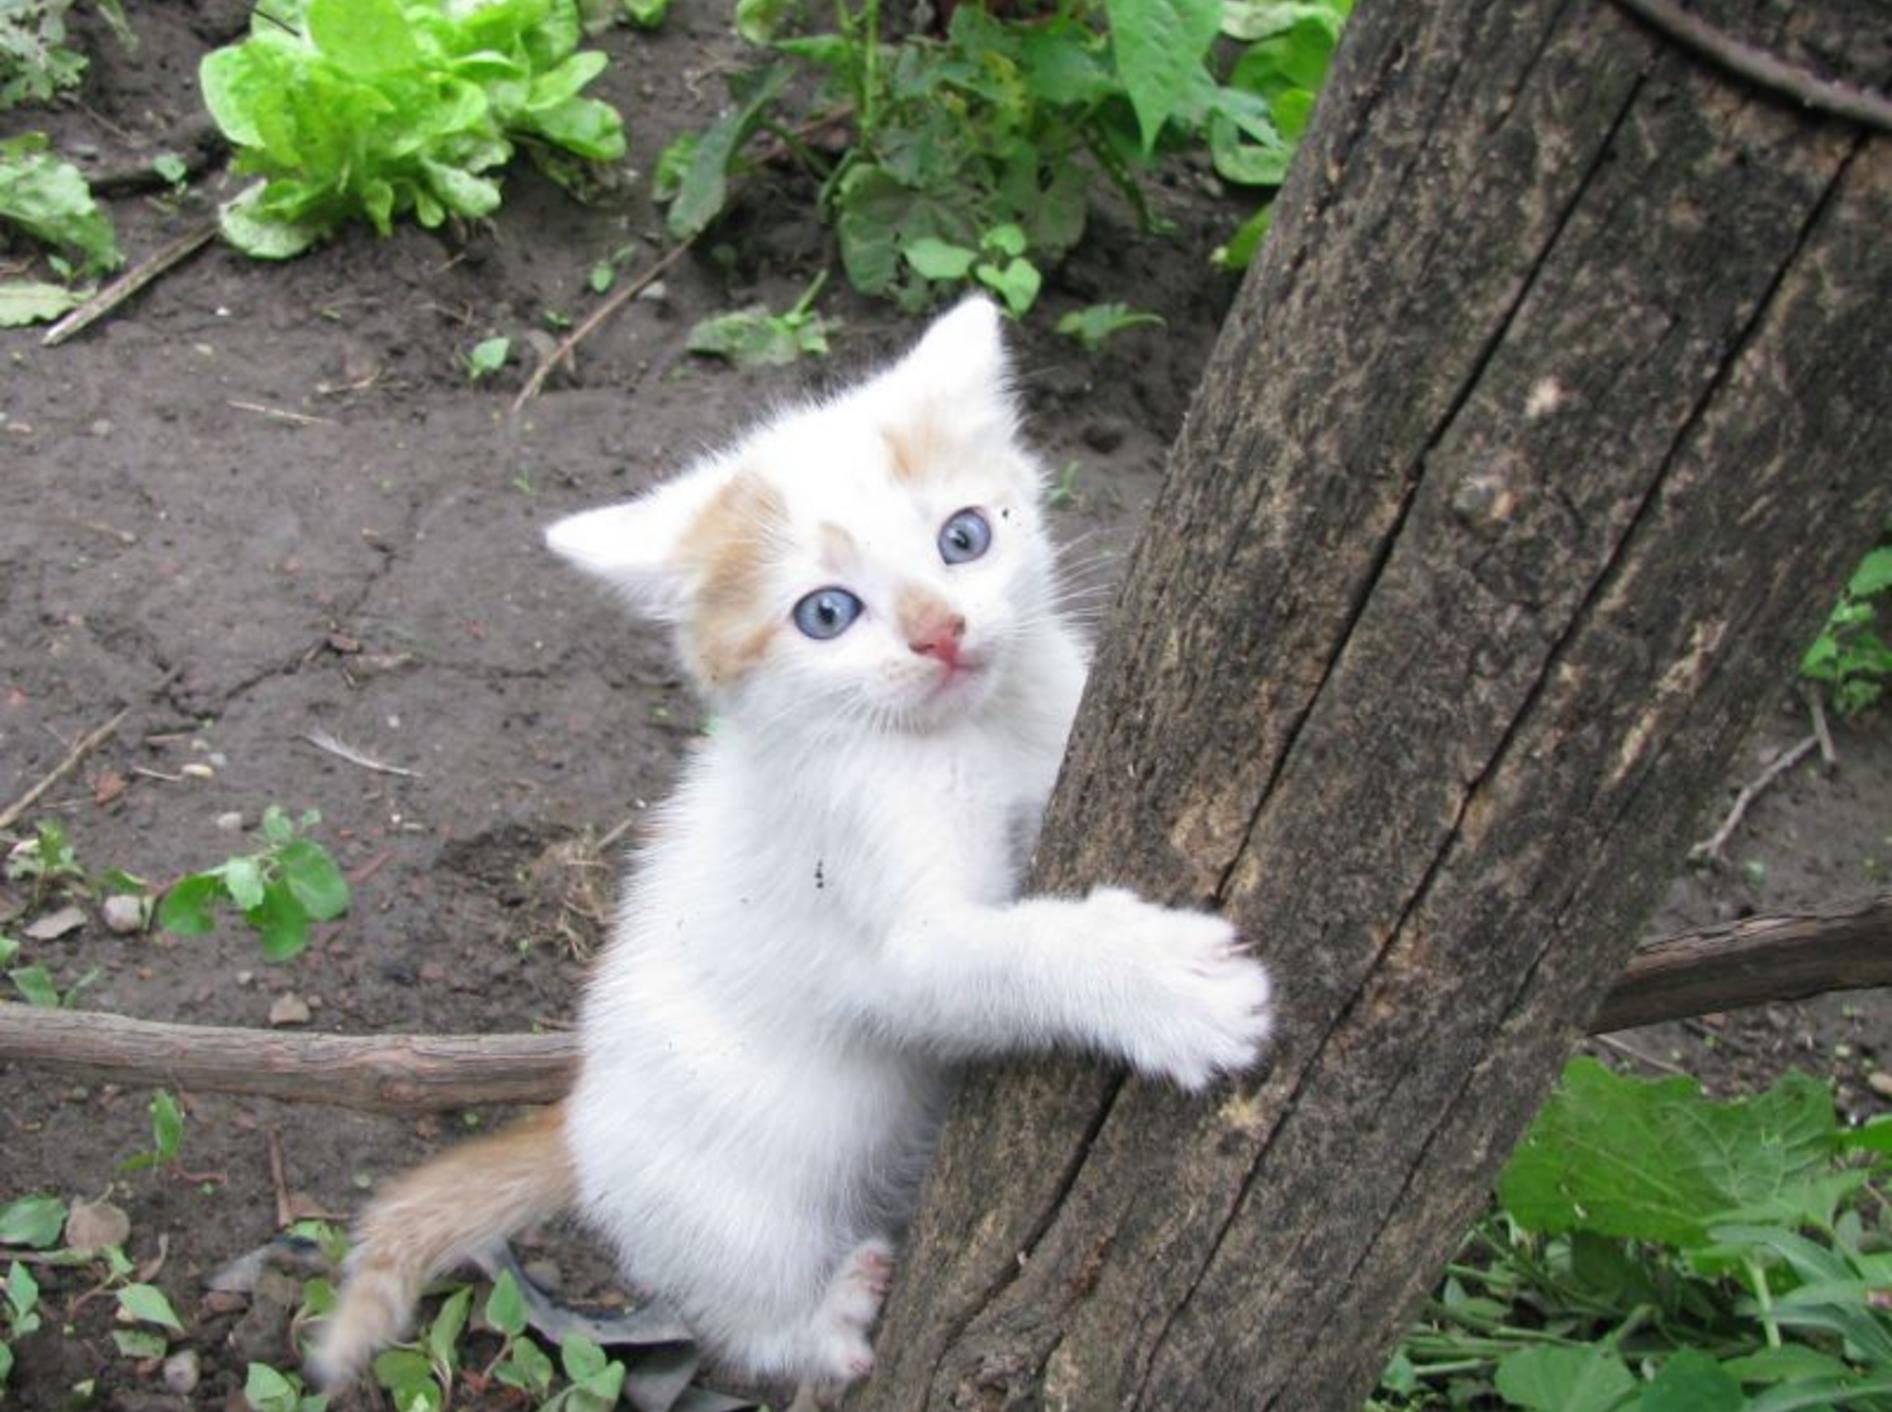 """""""Hilfe, der sieht so hoch aus!"""" Katzenbaby macht einen Kletterversuch — Bild: Shutterstock / Sorina Madalina Androne"""